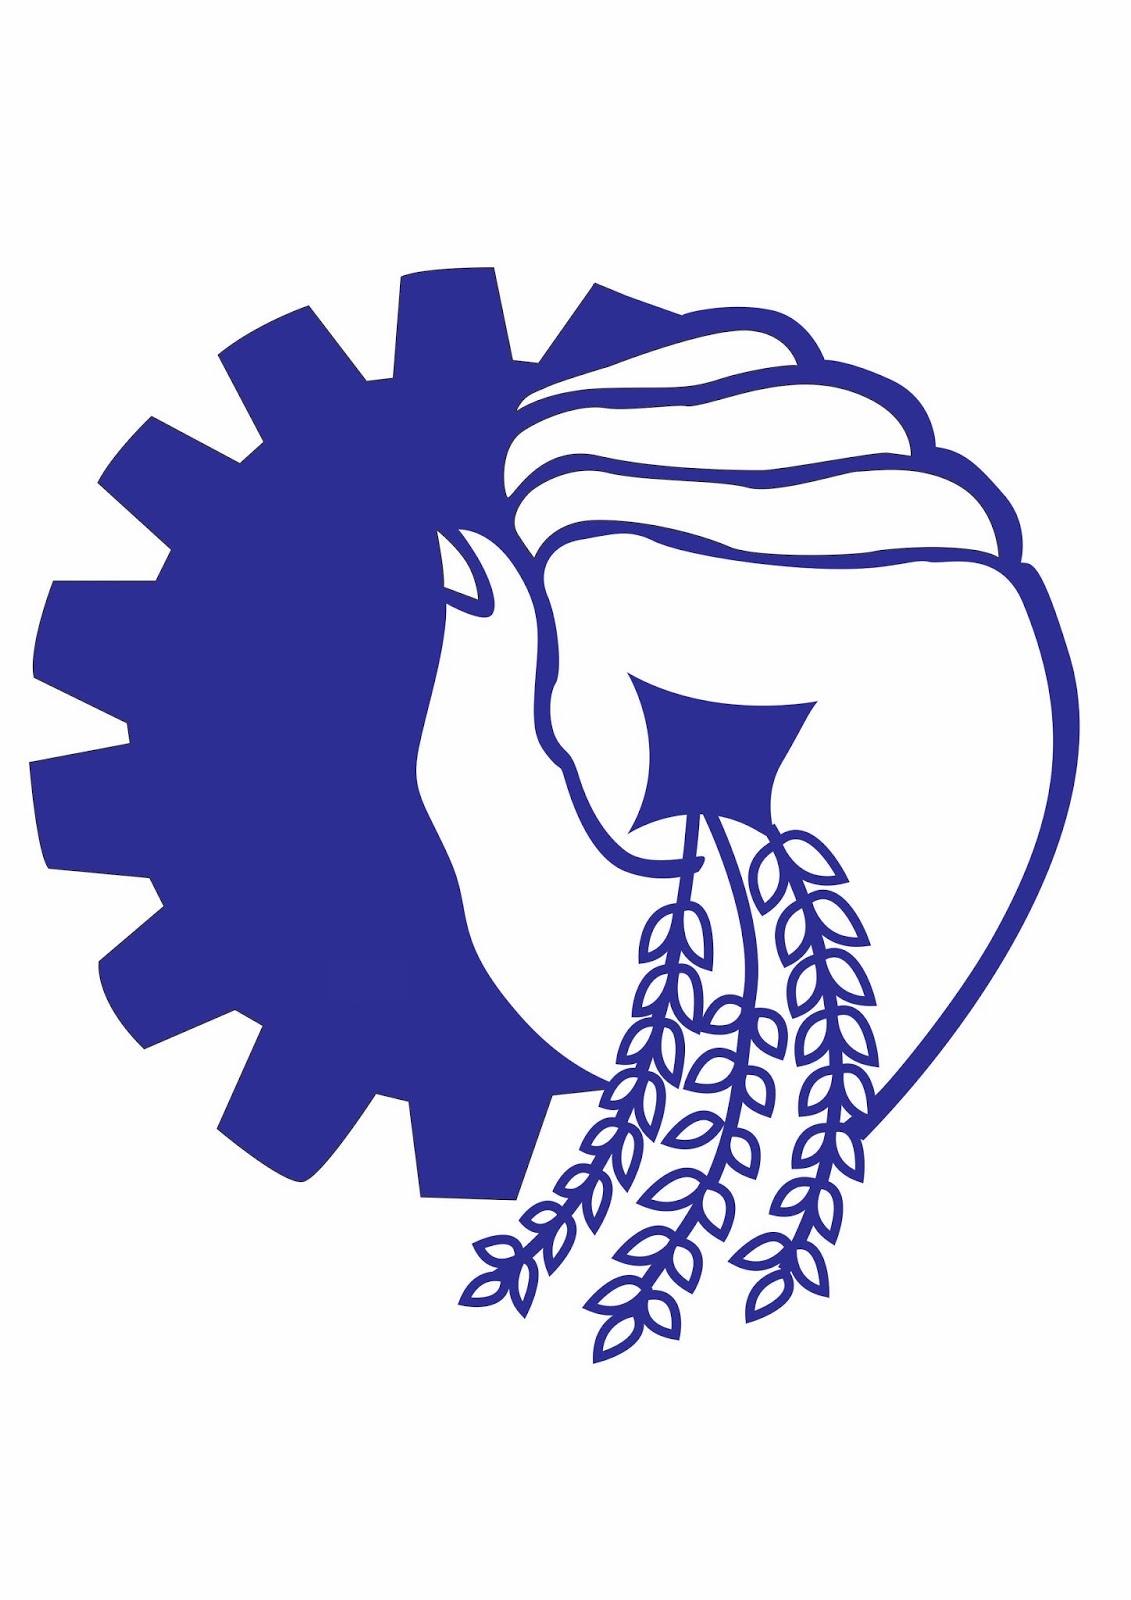 bmslogo: bms logo